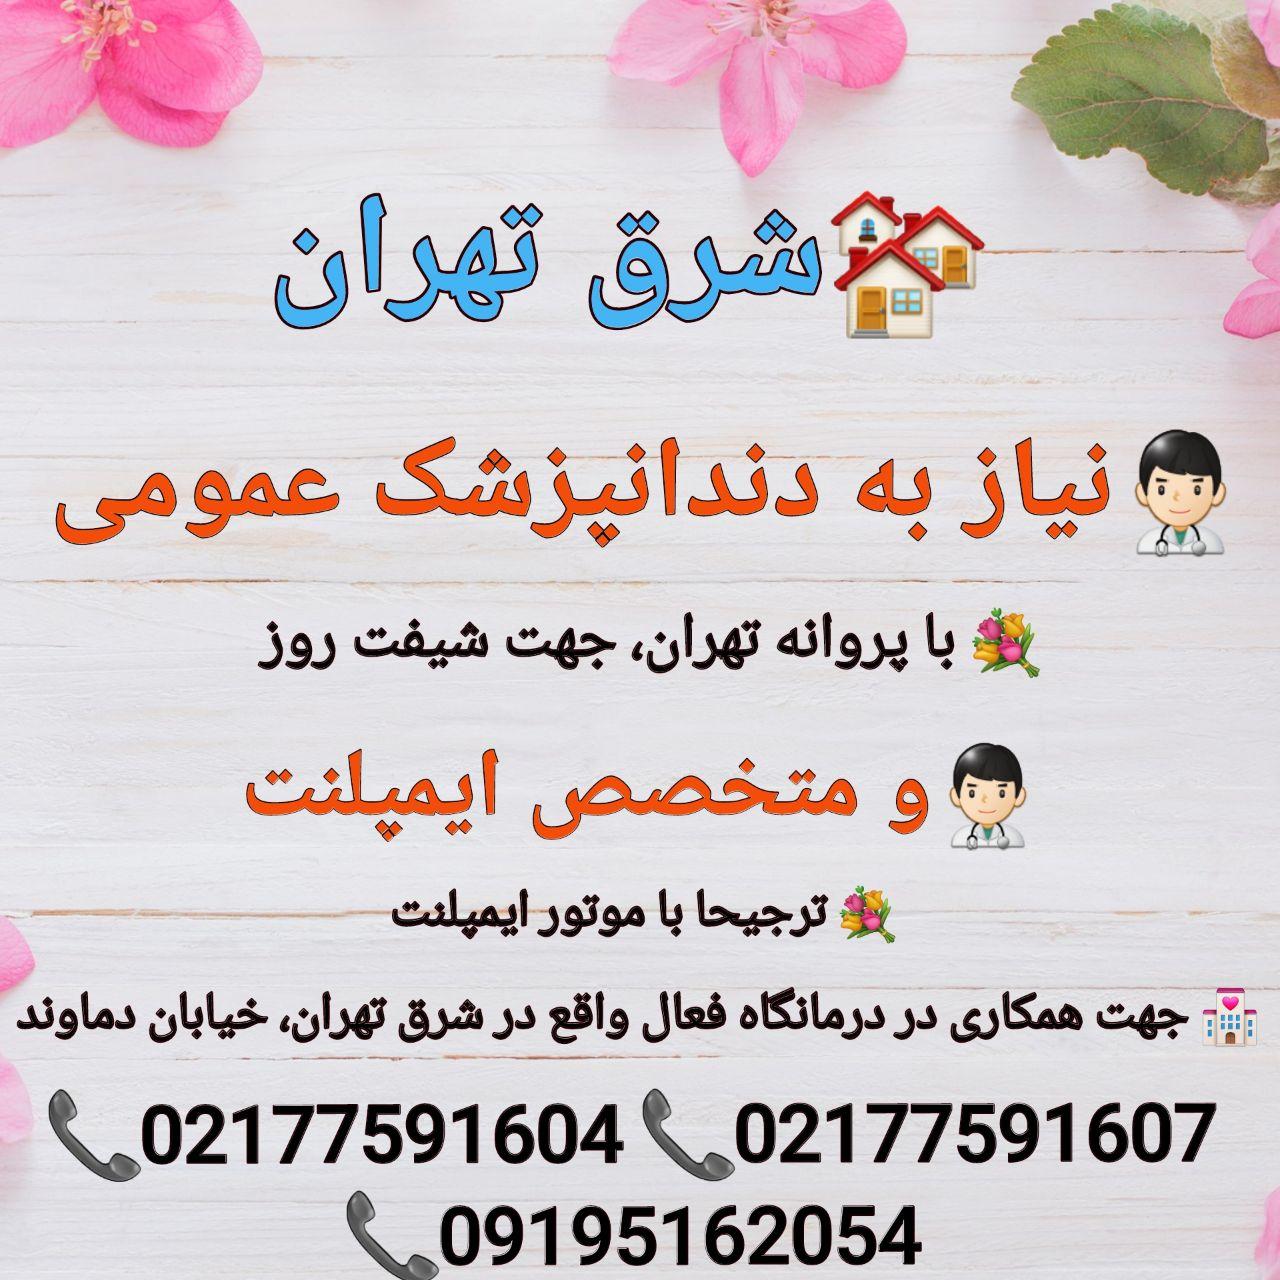 شرق تهران: نیاز به دندانپزشک عمومی، و متخصص ایمپلنت